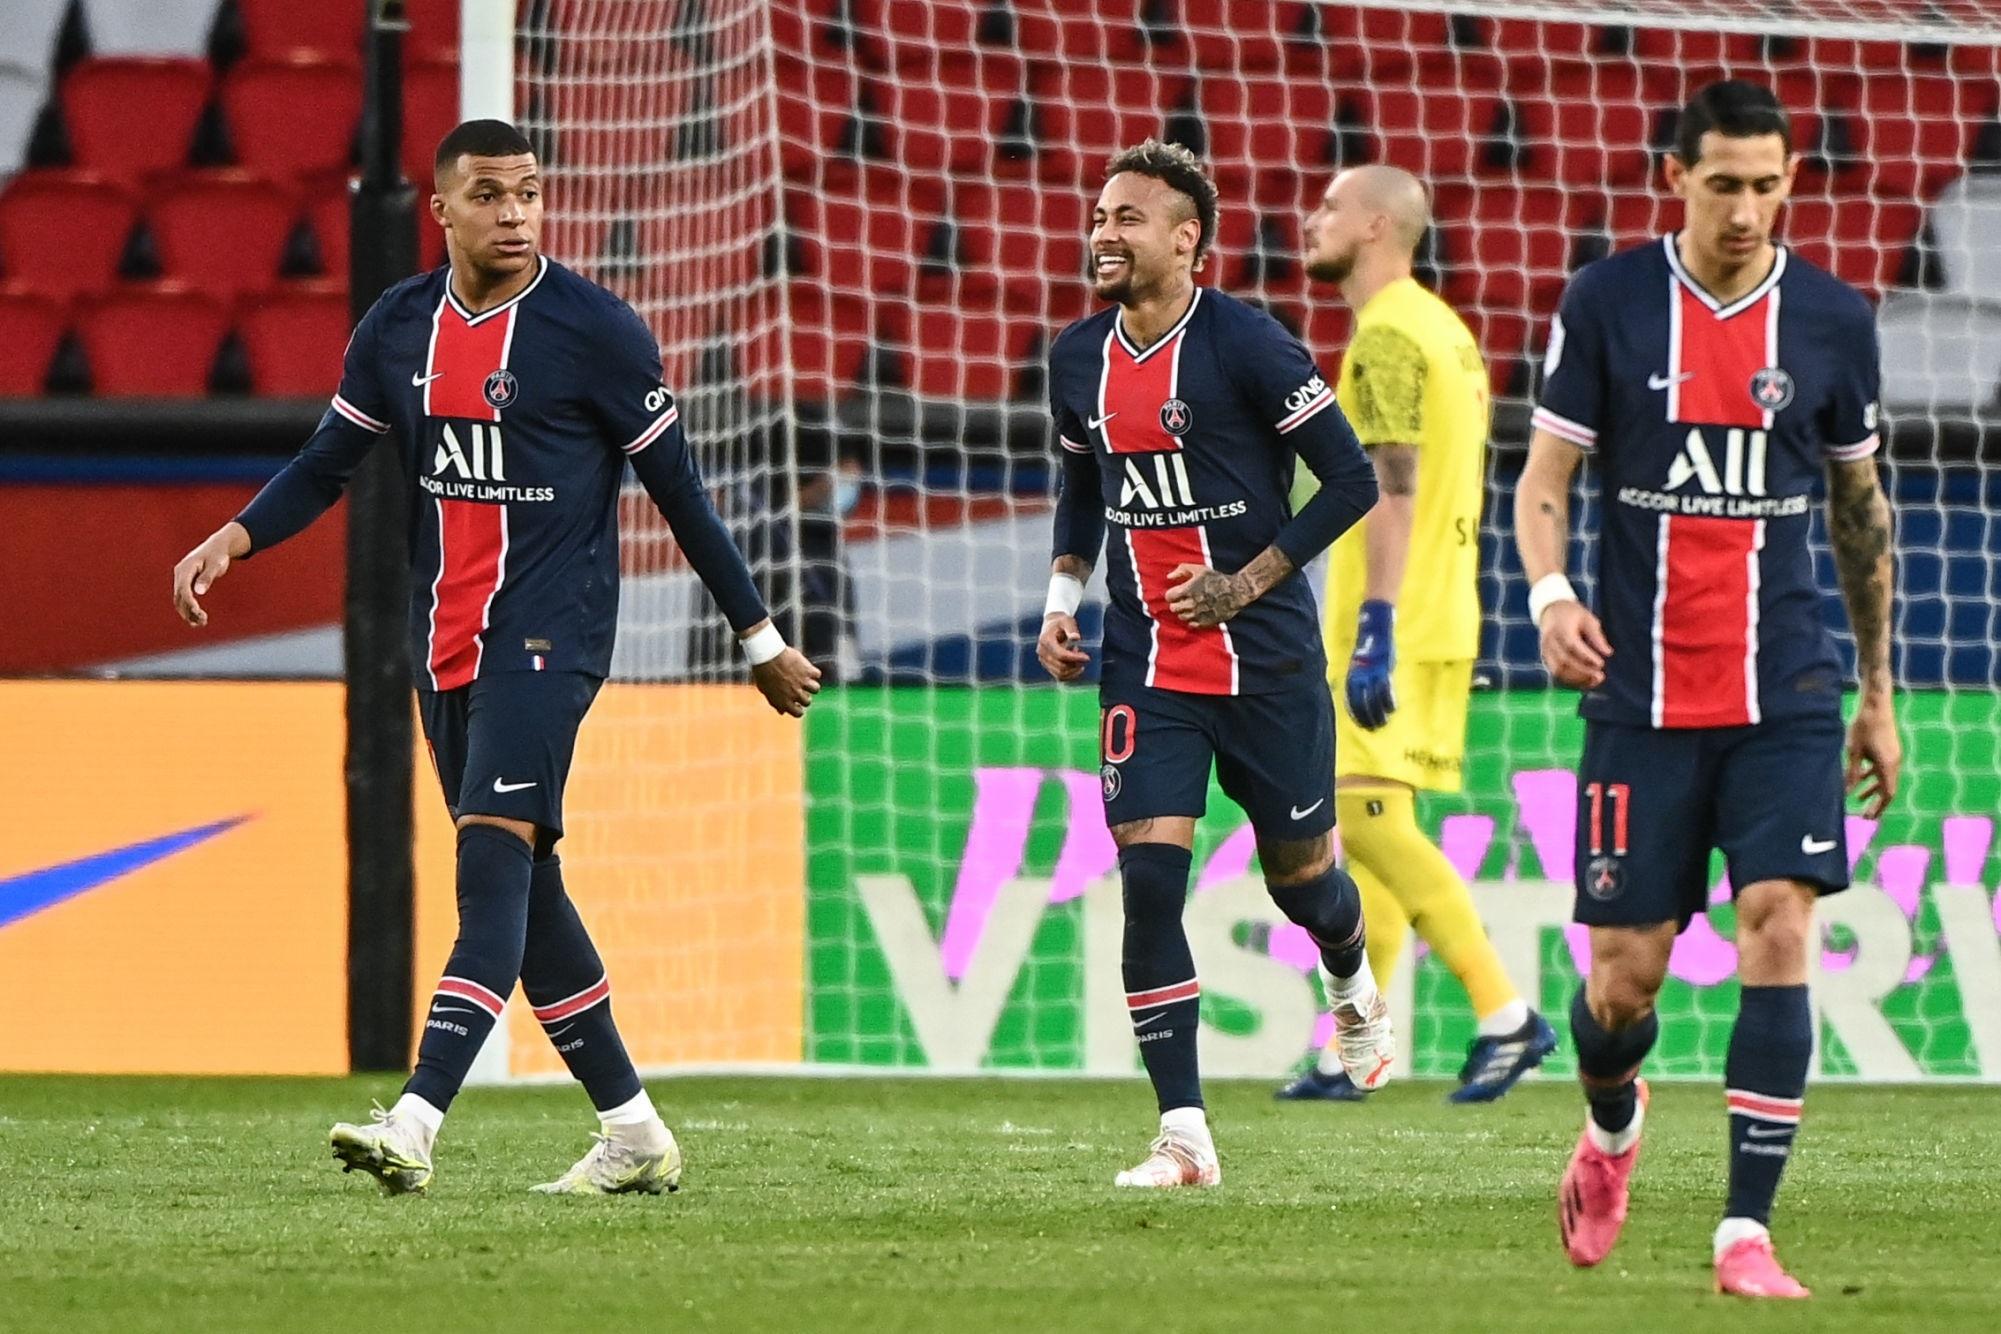 PSG/Reims - Les notes des Parisiens dans la presse : Neymar de retour en forme